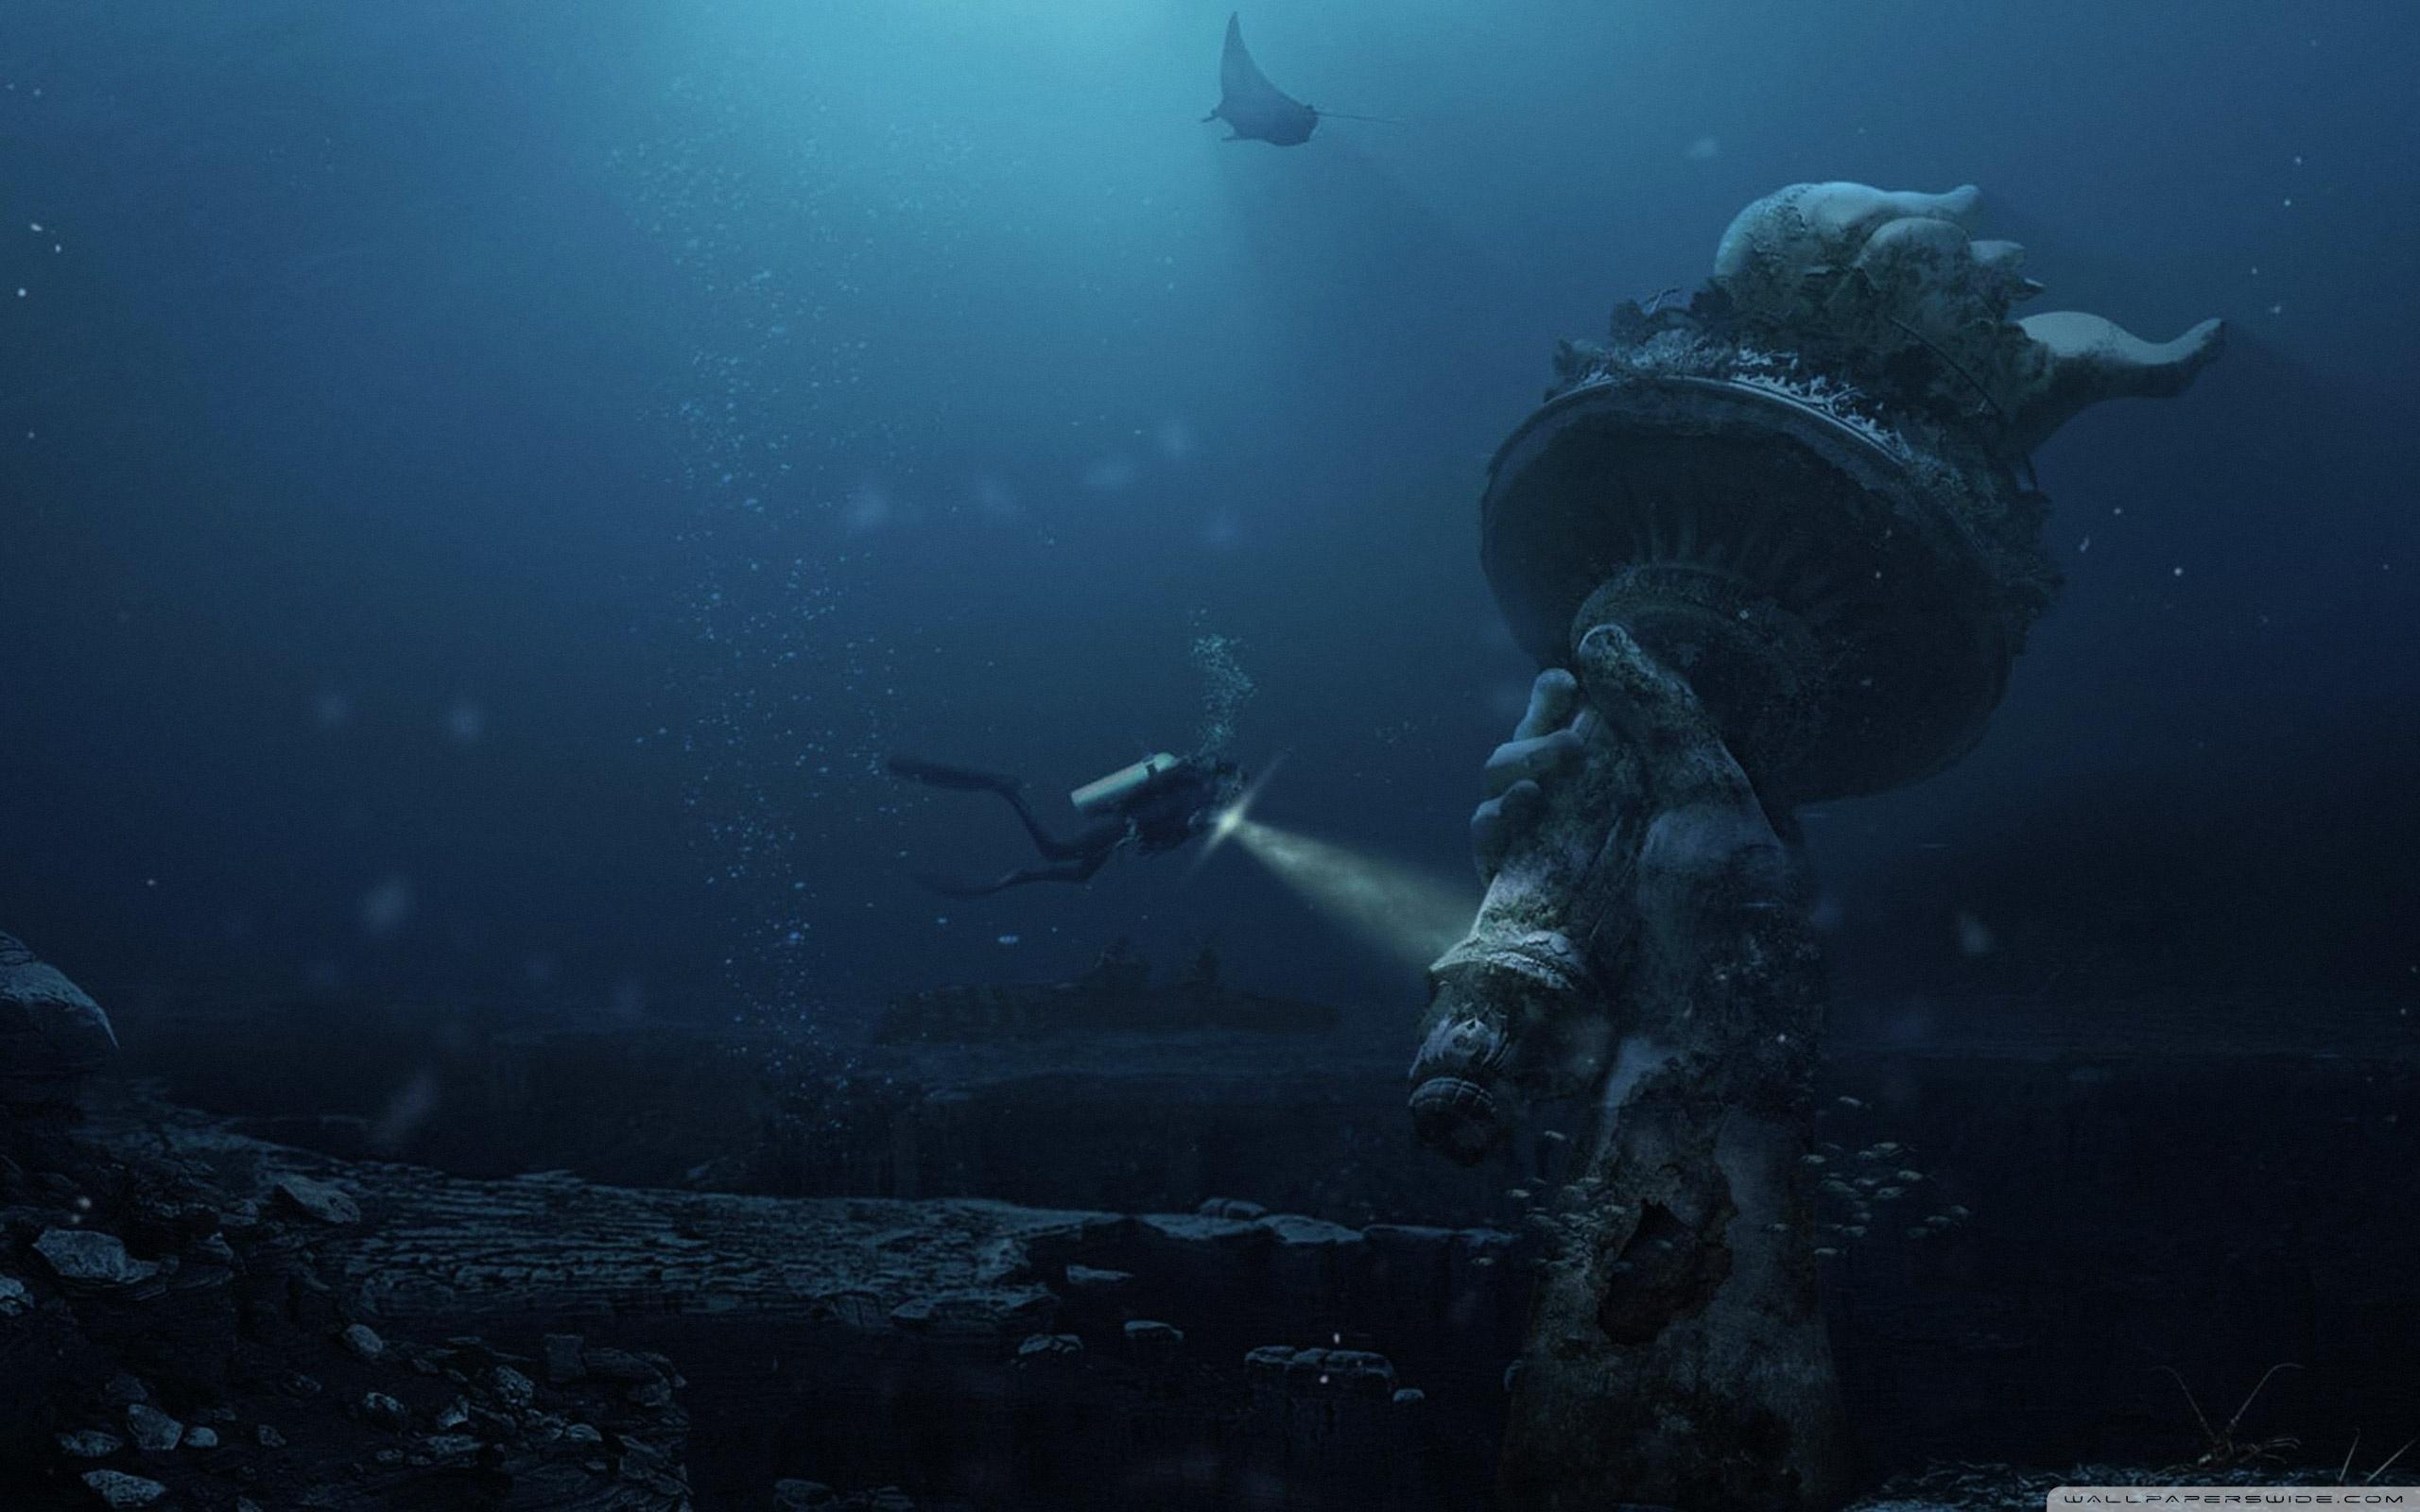 Underwater Ruins 4K HD Desktop Wallpaper for 4K Ultra HD TV 2560x1600